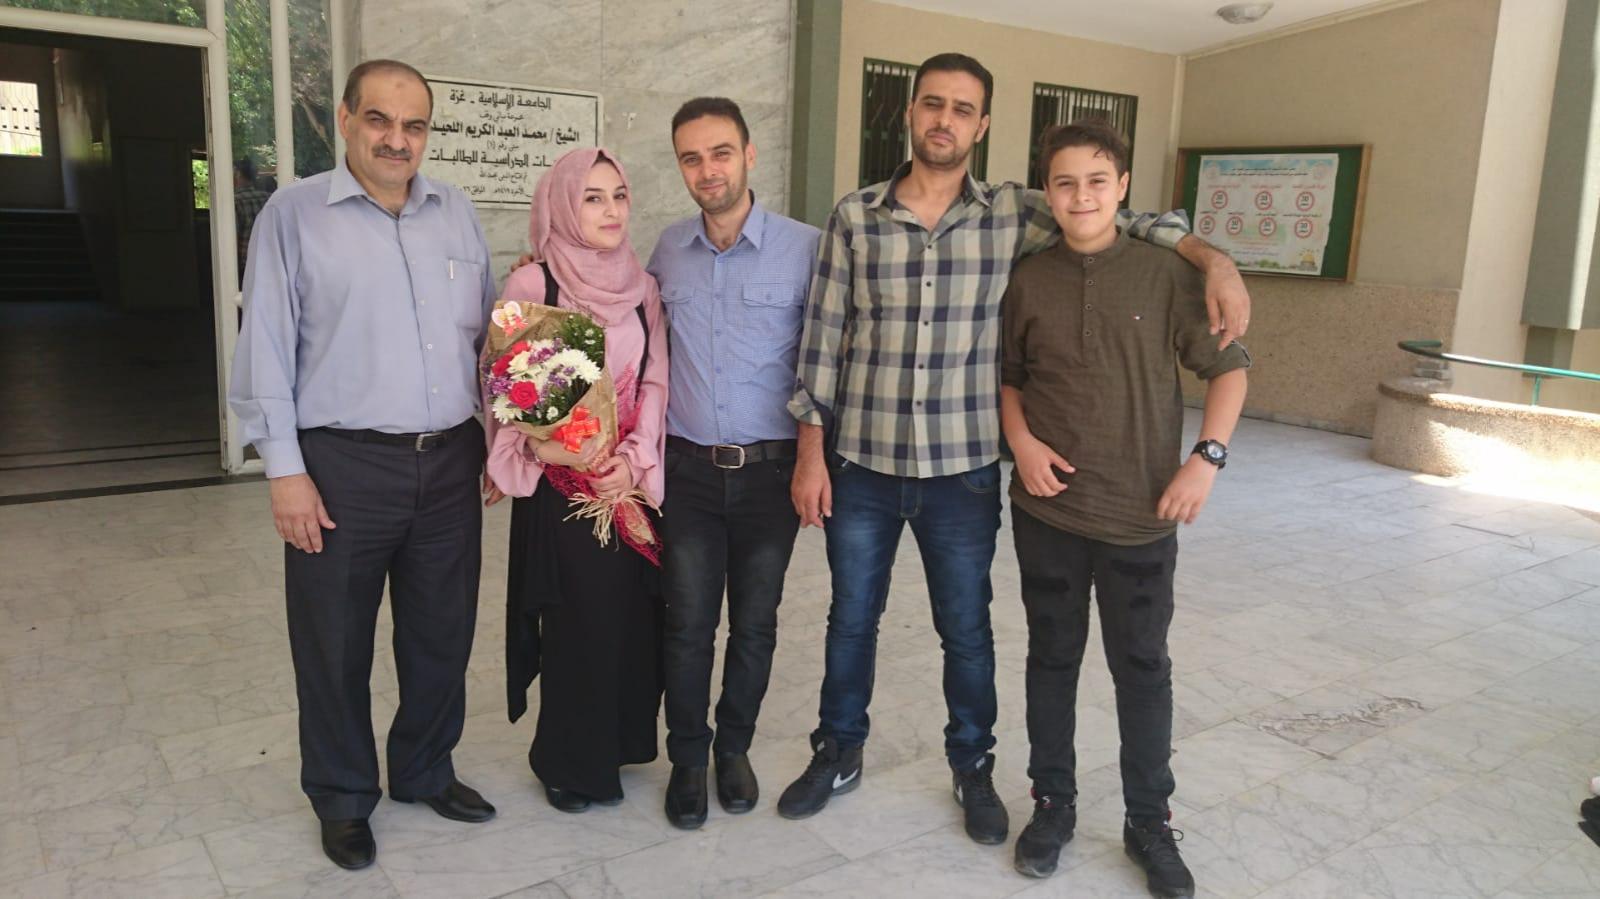 مناقشة مشروع التخرج للدكتورة : لميس محمود عبدالسلام الفرا - بكالوريوس طب مخبري